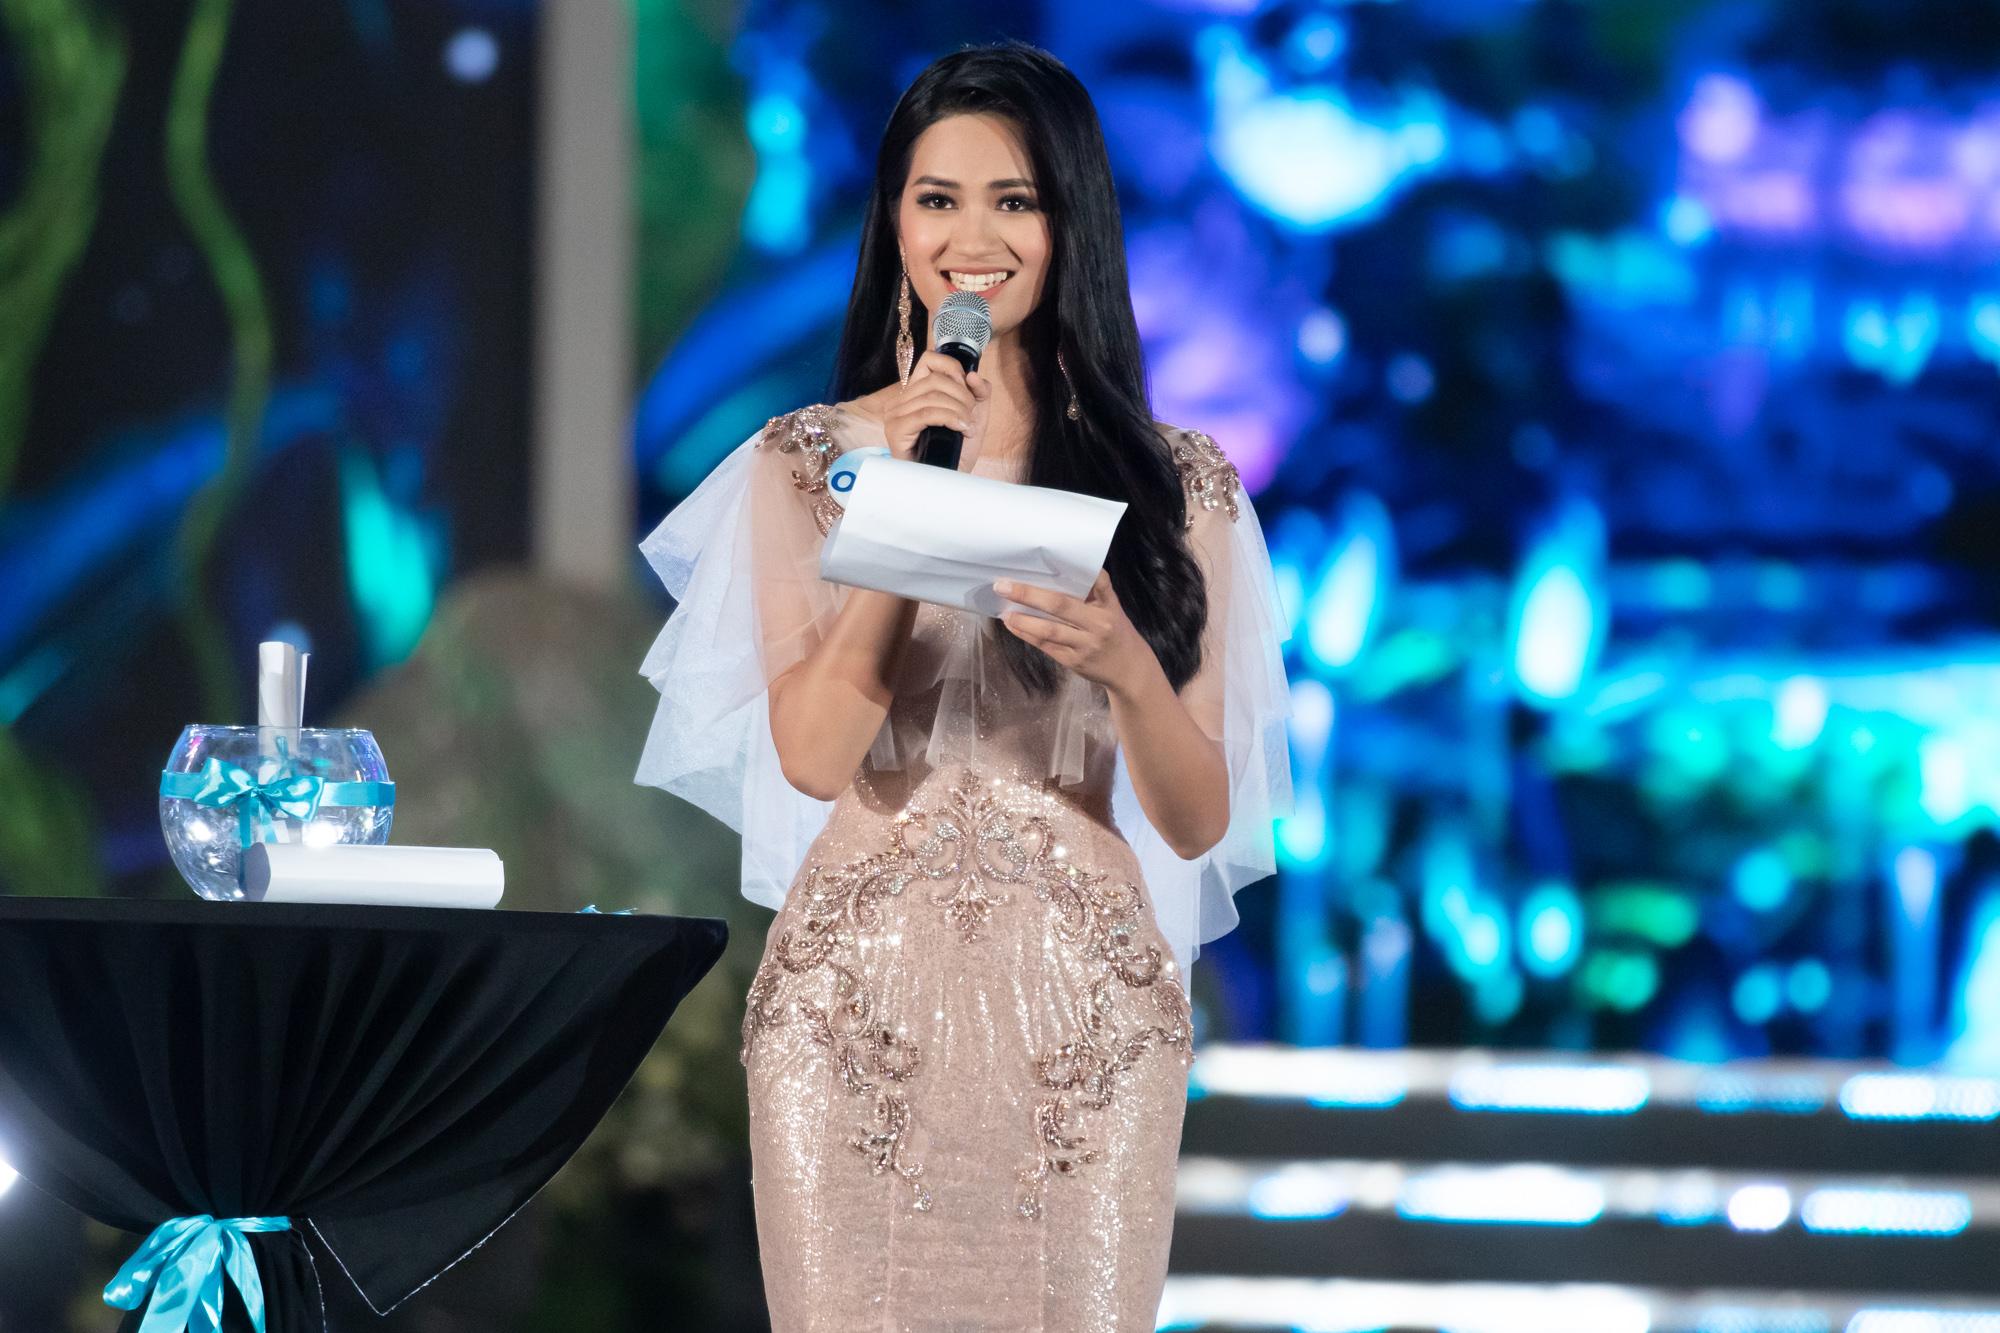 Nữ sinh Ngoại thương quê Cao Bằng đăng quang Hoa hậu Thế giới Việt Nam 2019 - 6